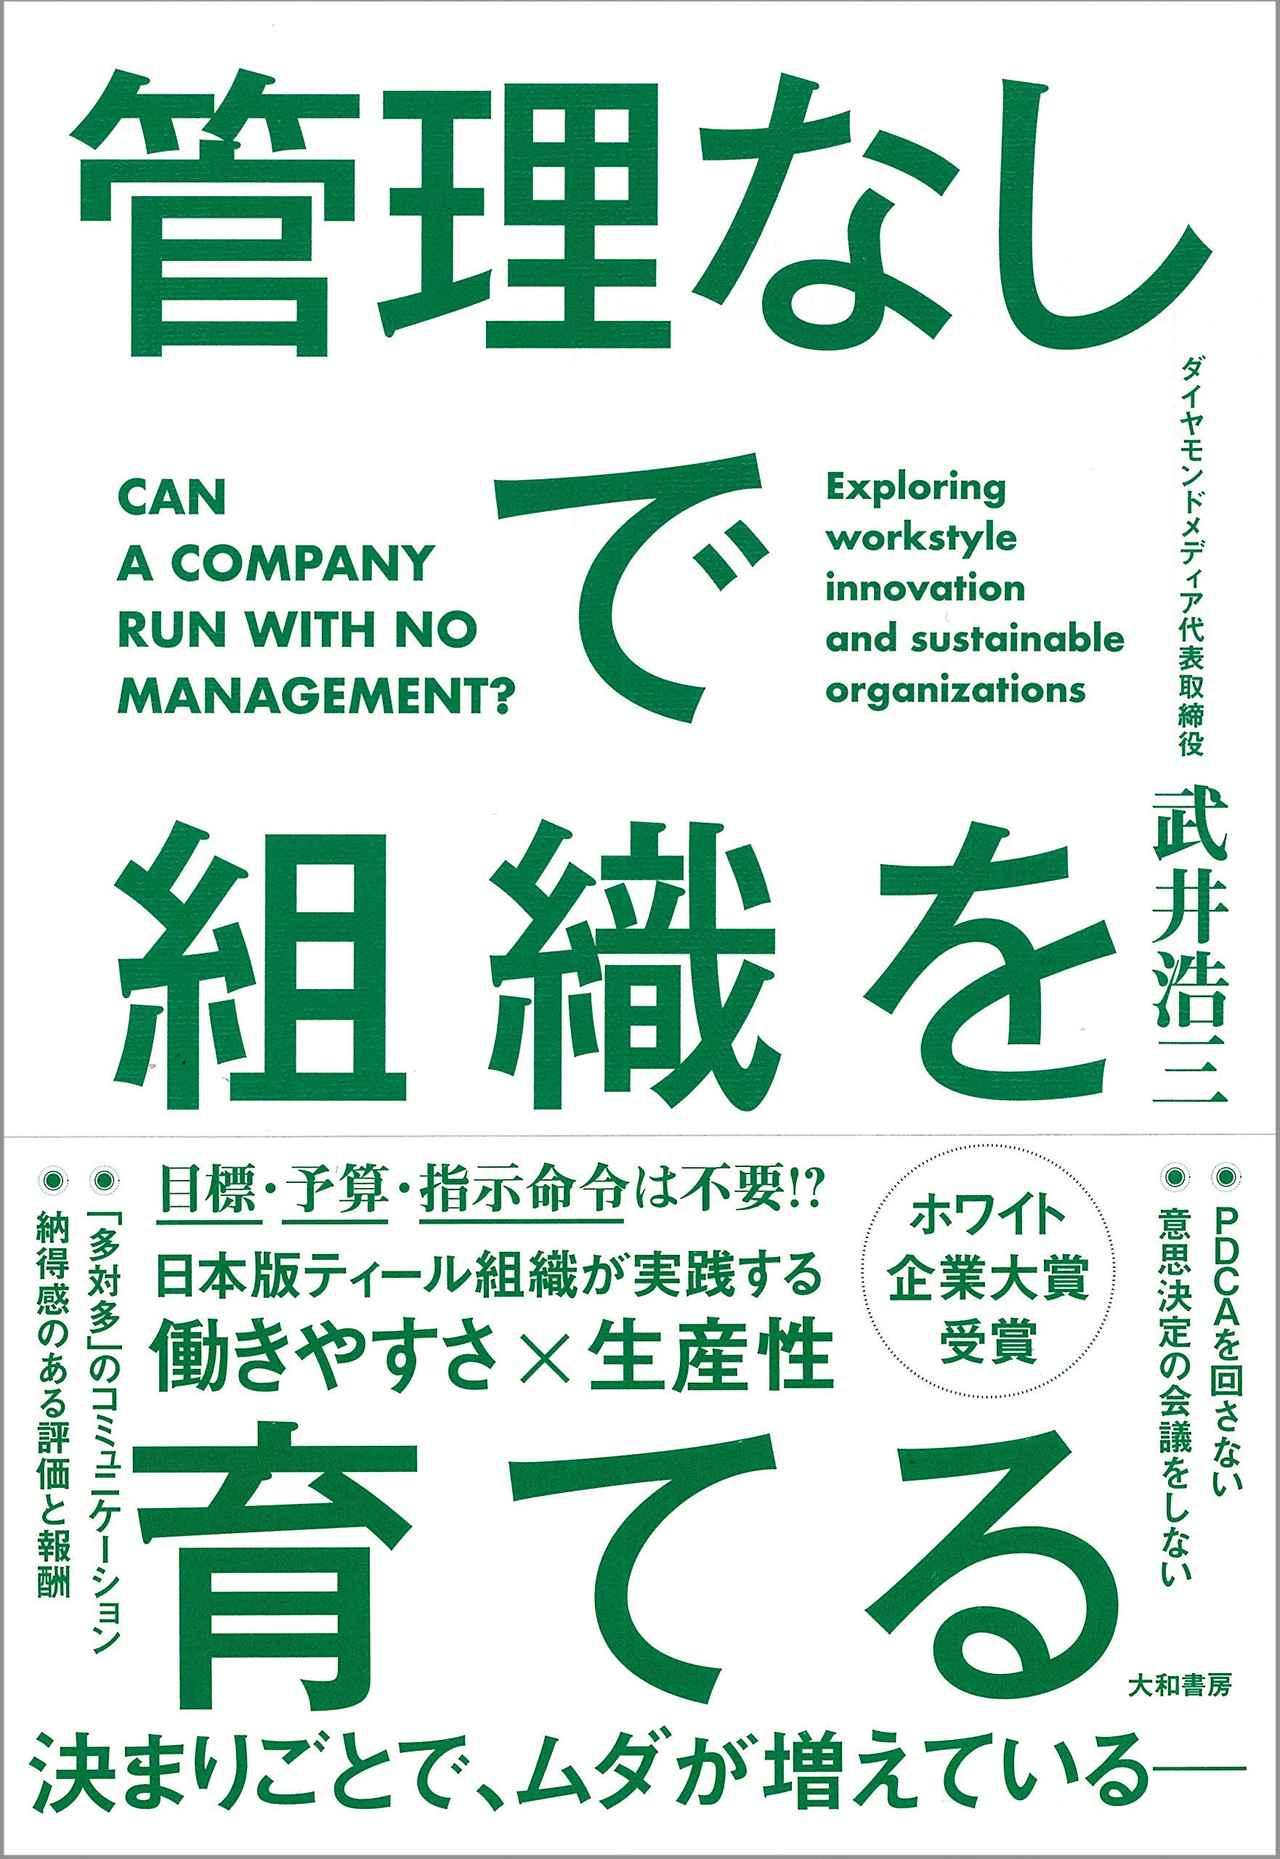 画像: 【BOOKレビュー】チームの強化に役立ちそうな本──勝手にレビュー #017『管理なしで組織を育てる』